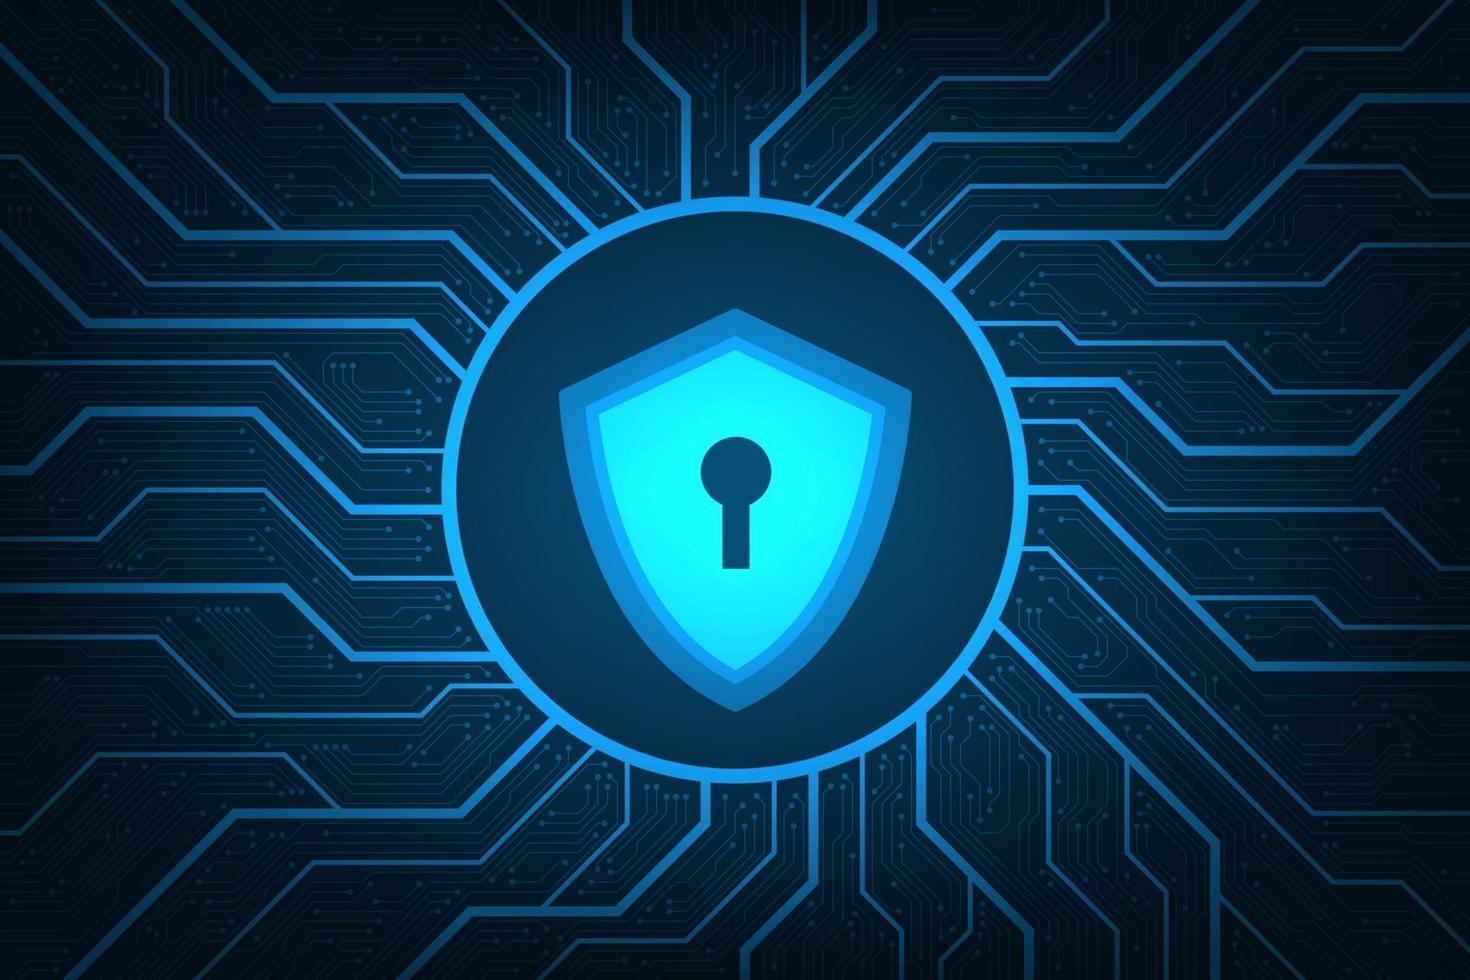 beveiligingssystemen die het hele digitale netwerk bestrijken. vector